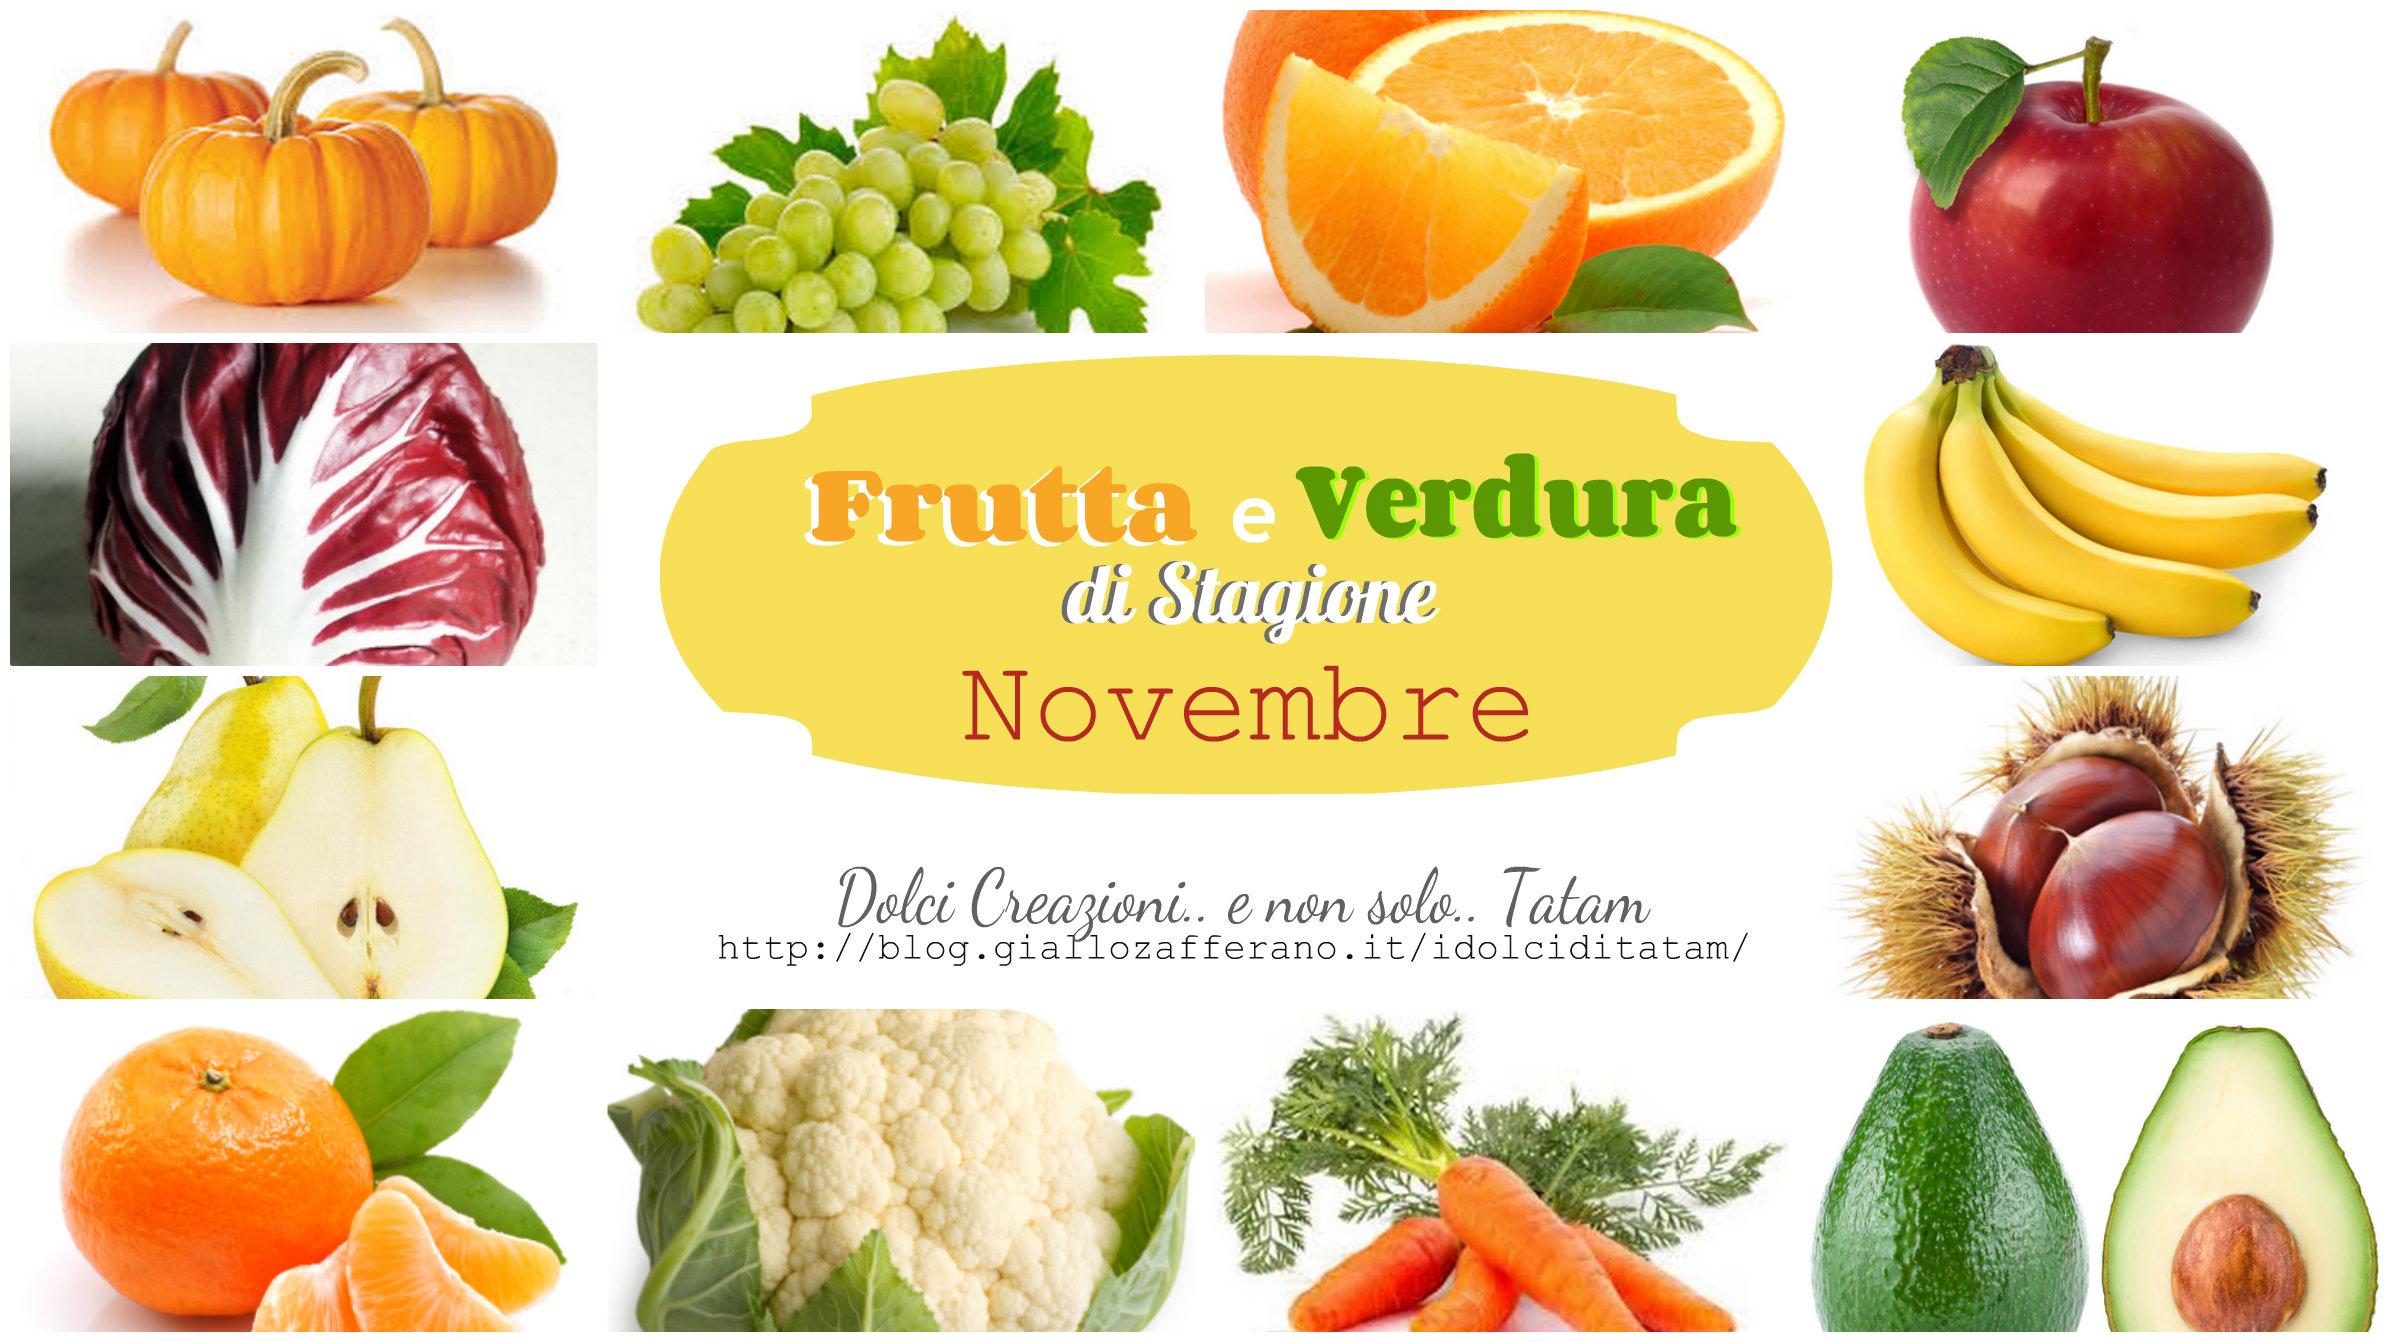 Frutta e verdura di stagione - Novembre